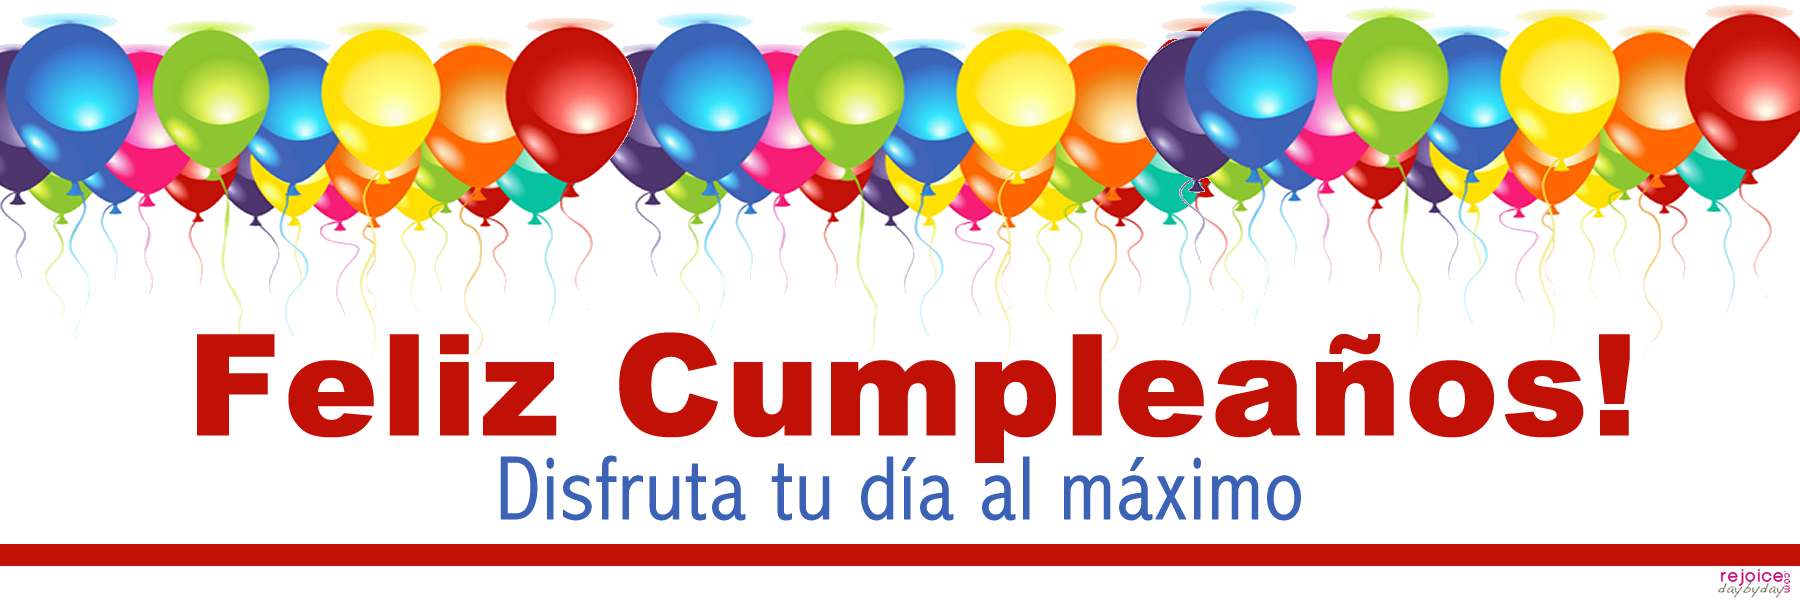 Feliz cumpleaños bella amiga Tapatia4ever ≻ ≺ - Románticos